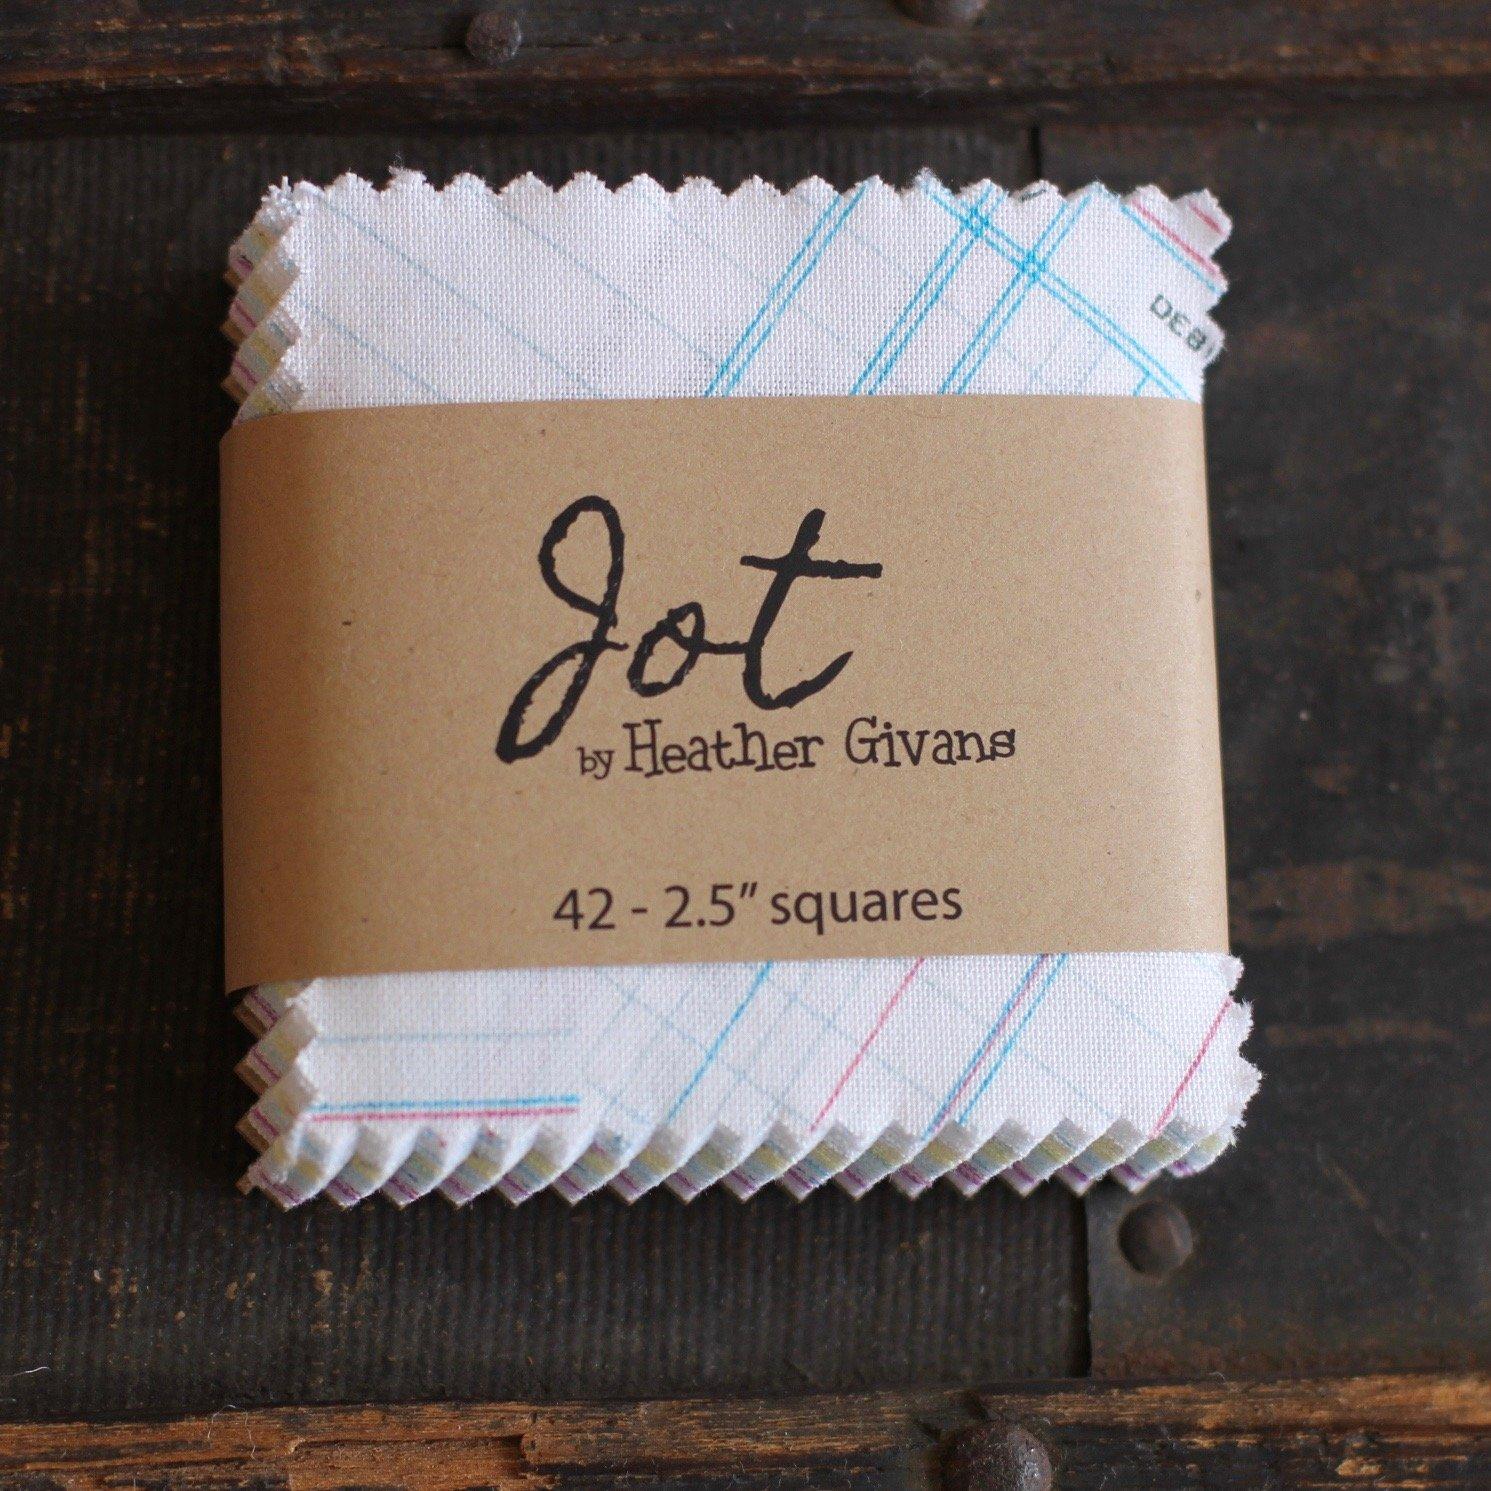 Jot Mini Charms - (42) 2.5 squares